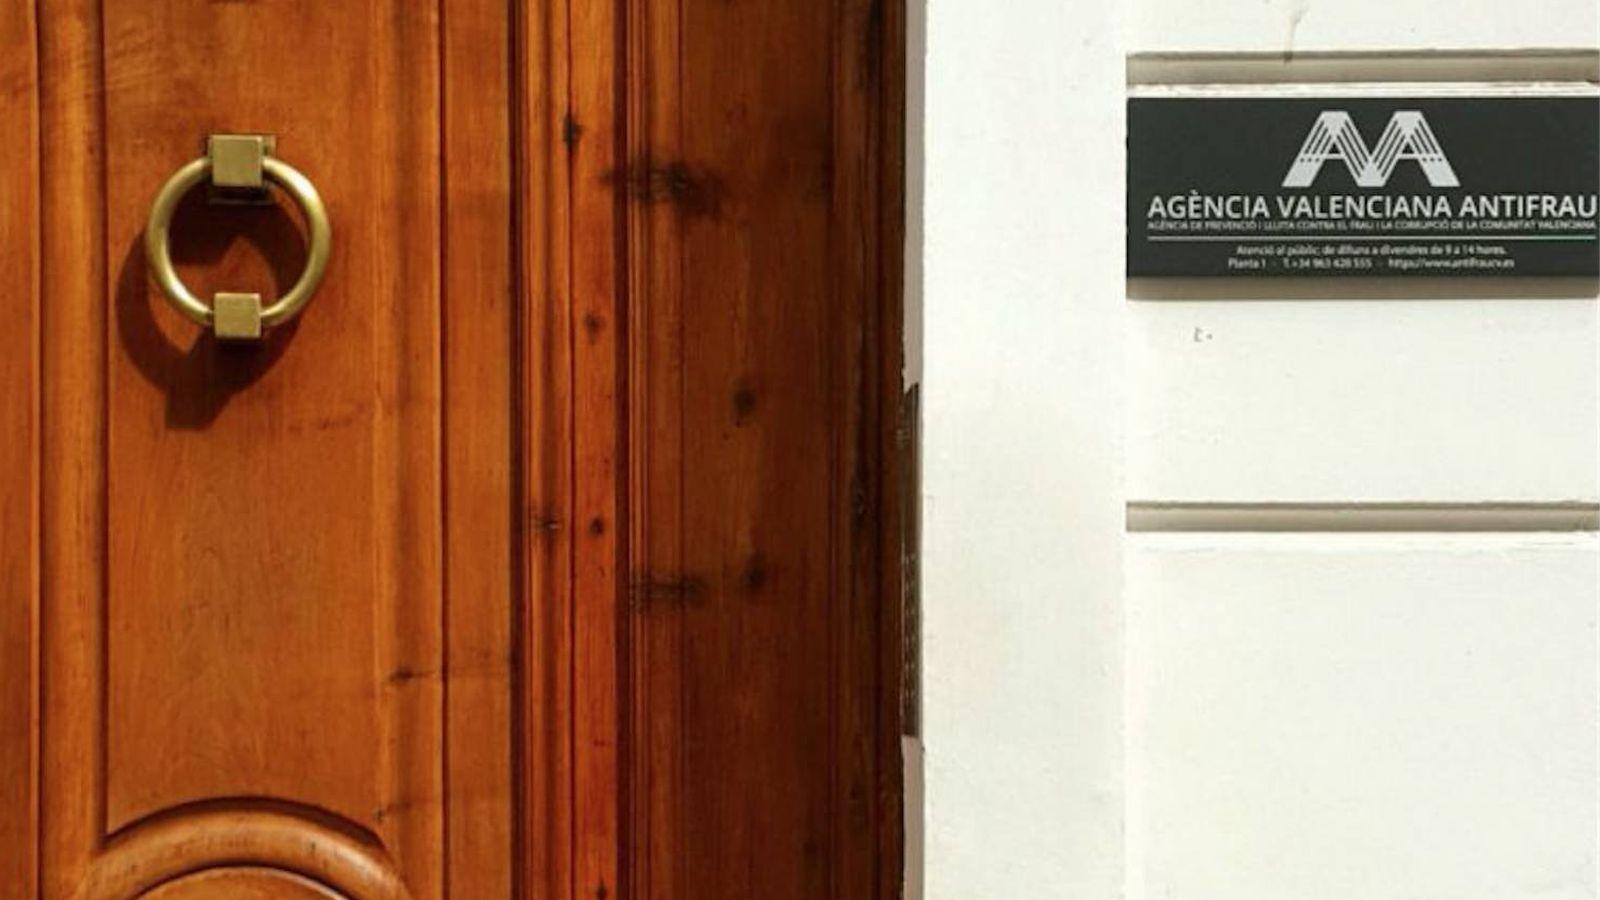 Foto: Sede de la Agencia Valenciana Antifraude.